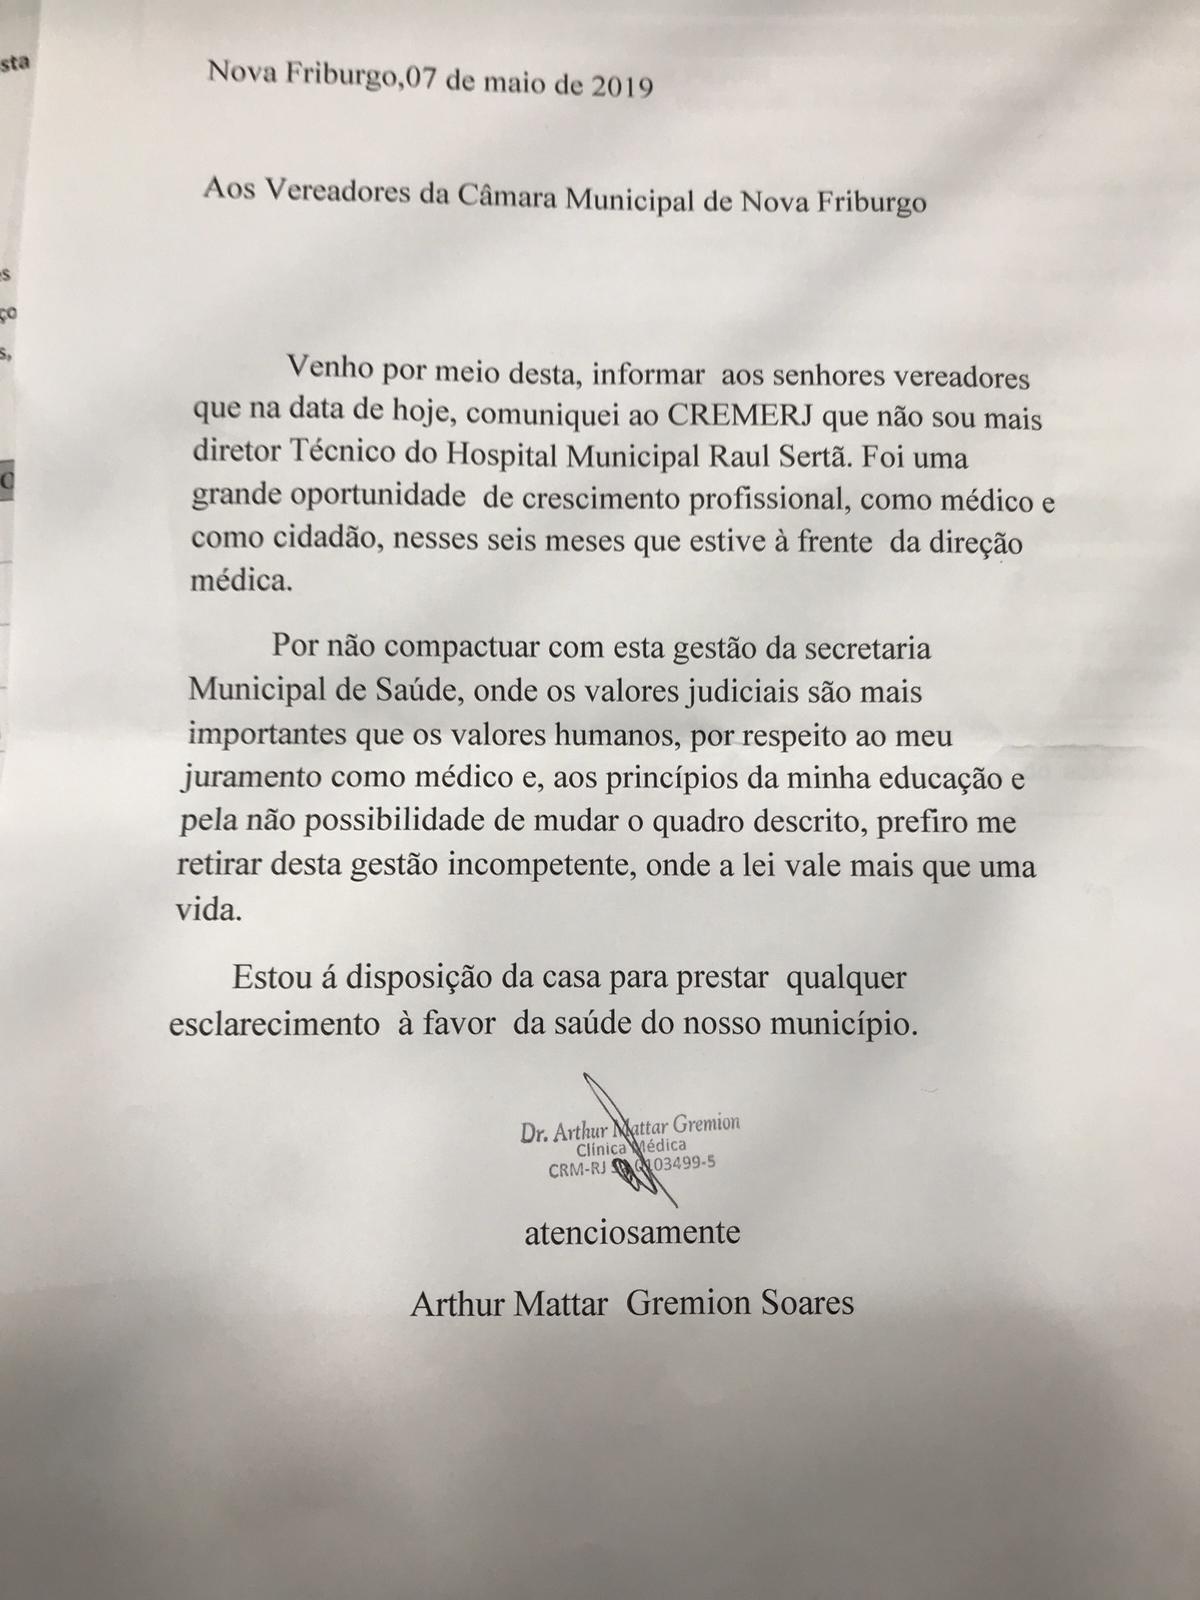 A carta entregue por Arthur Mattar Gremion, à qual A VOZ DA SERRA teve acesso